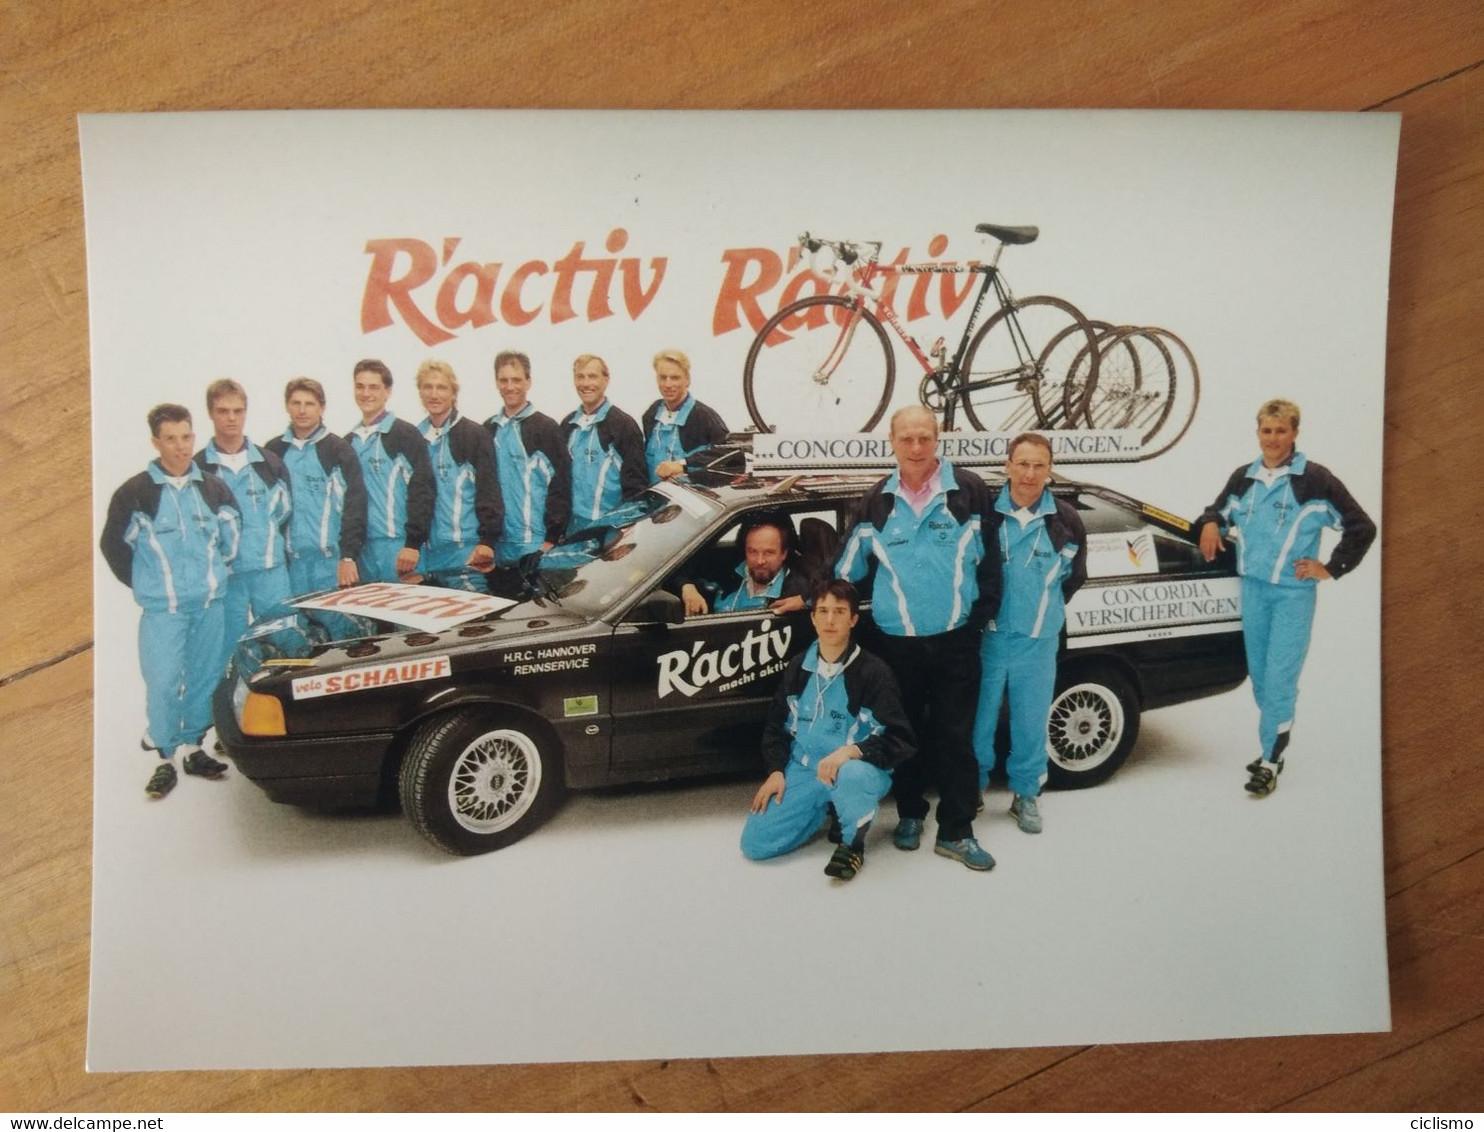 Cyclisme - Carte Photo Publicitaire R'ACTIV CONCORDIA : Le Groupe - Cycling